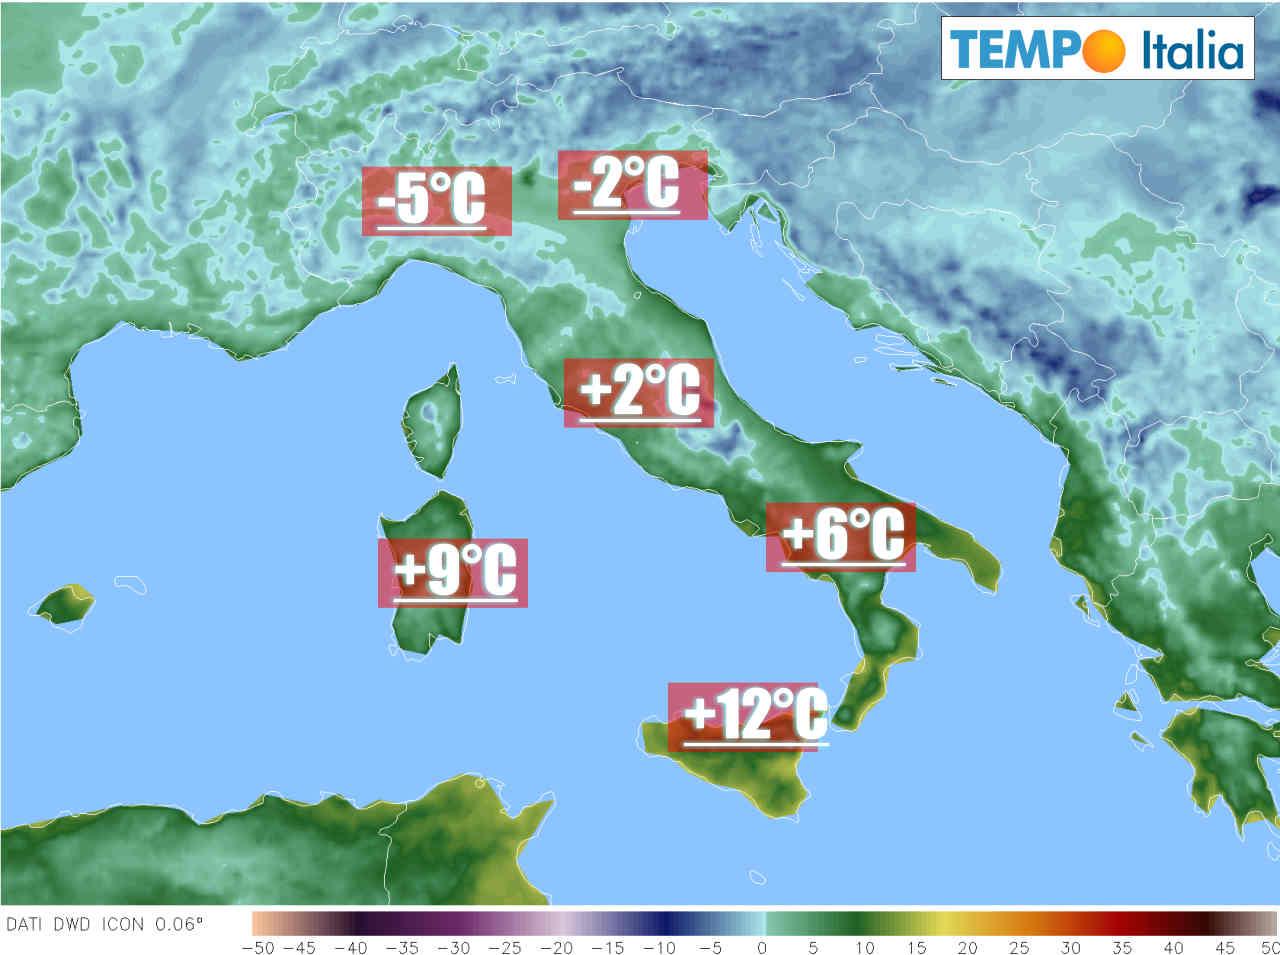 gelate intense al nord italia - Forti GELATE attese al Nord Italia. Freddo invernale nel fine settimana